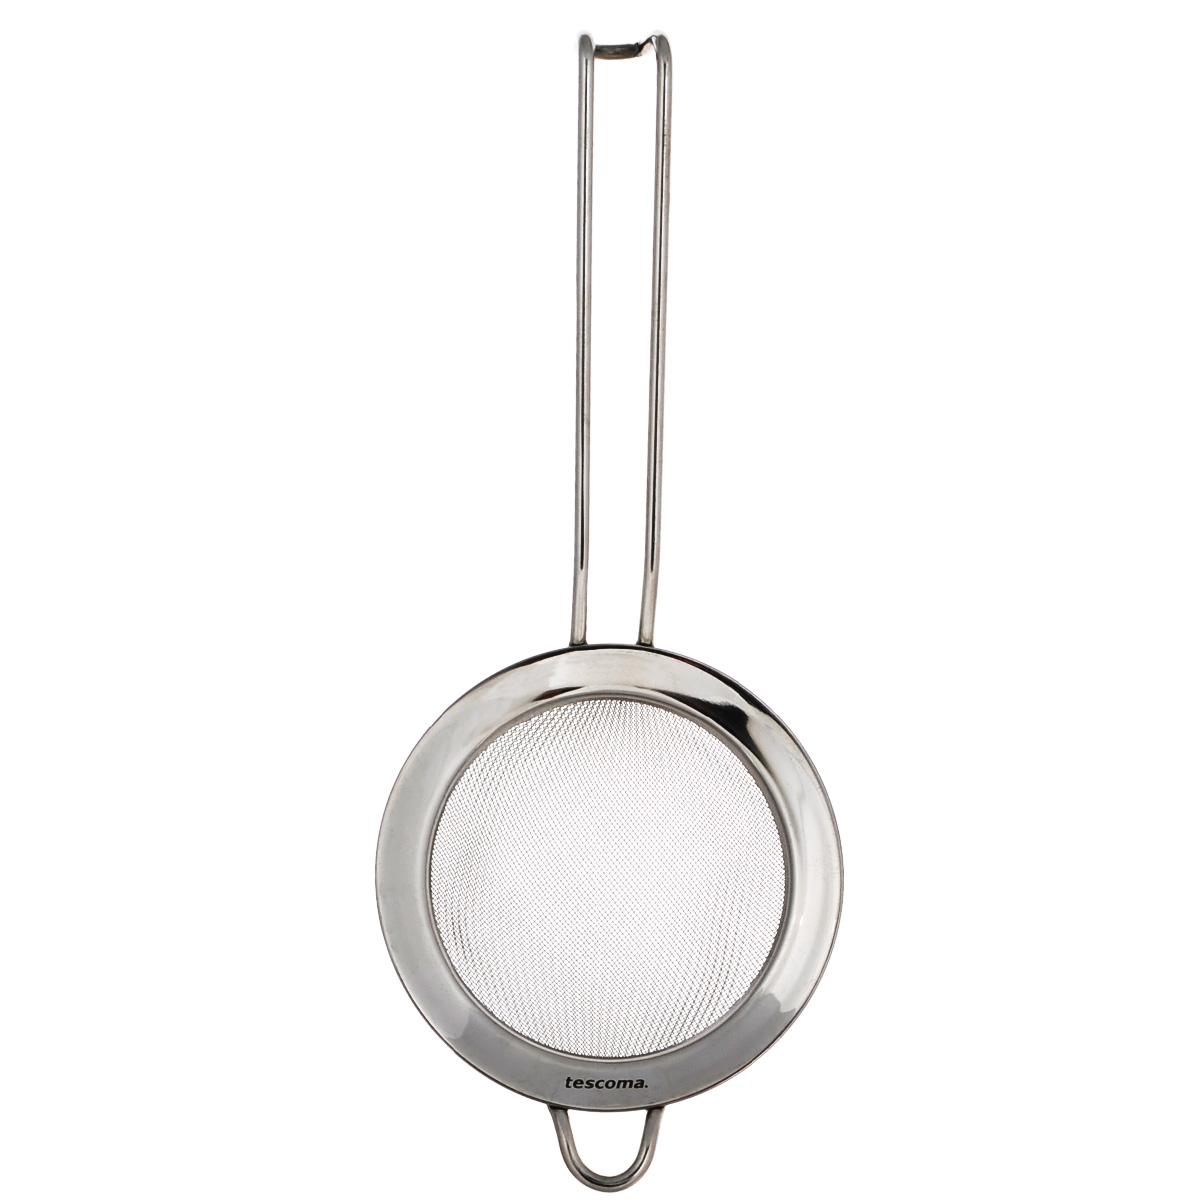 Сито Tescoma Chef, диаметр 10 см115510Сито Tescoma Chef, выполненное из высококачественной нержавеющей стали, станет незаменимым аксессуаром на вашей кухне. Удобная ручка-пруток не позволит выскользнуть изделию из вашей руки. Прочная стальная сетка и корпус обеспечивают изделию износостойкость и долговечность. Сито оснащено специальным ушком, за которое его можно подвесить в любом месте.Такое сито поможет вам процедить или просеять продукты и станет достойным дополнением к кухонному инвентарю.Можно мыть в посудомоечной машине.Диаметр (с ободком): 10 см. Диаметр (без ободка): 8 см.Длина ручки: 14 см.